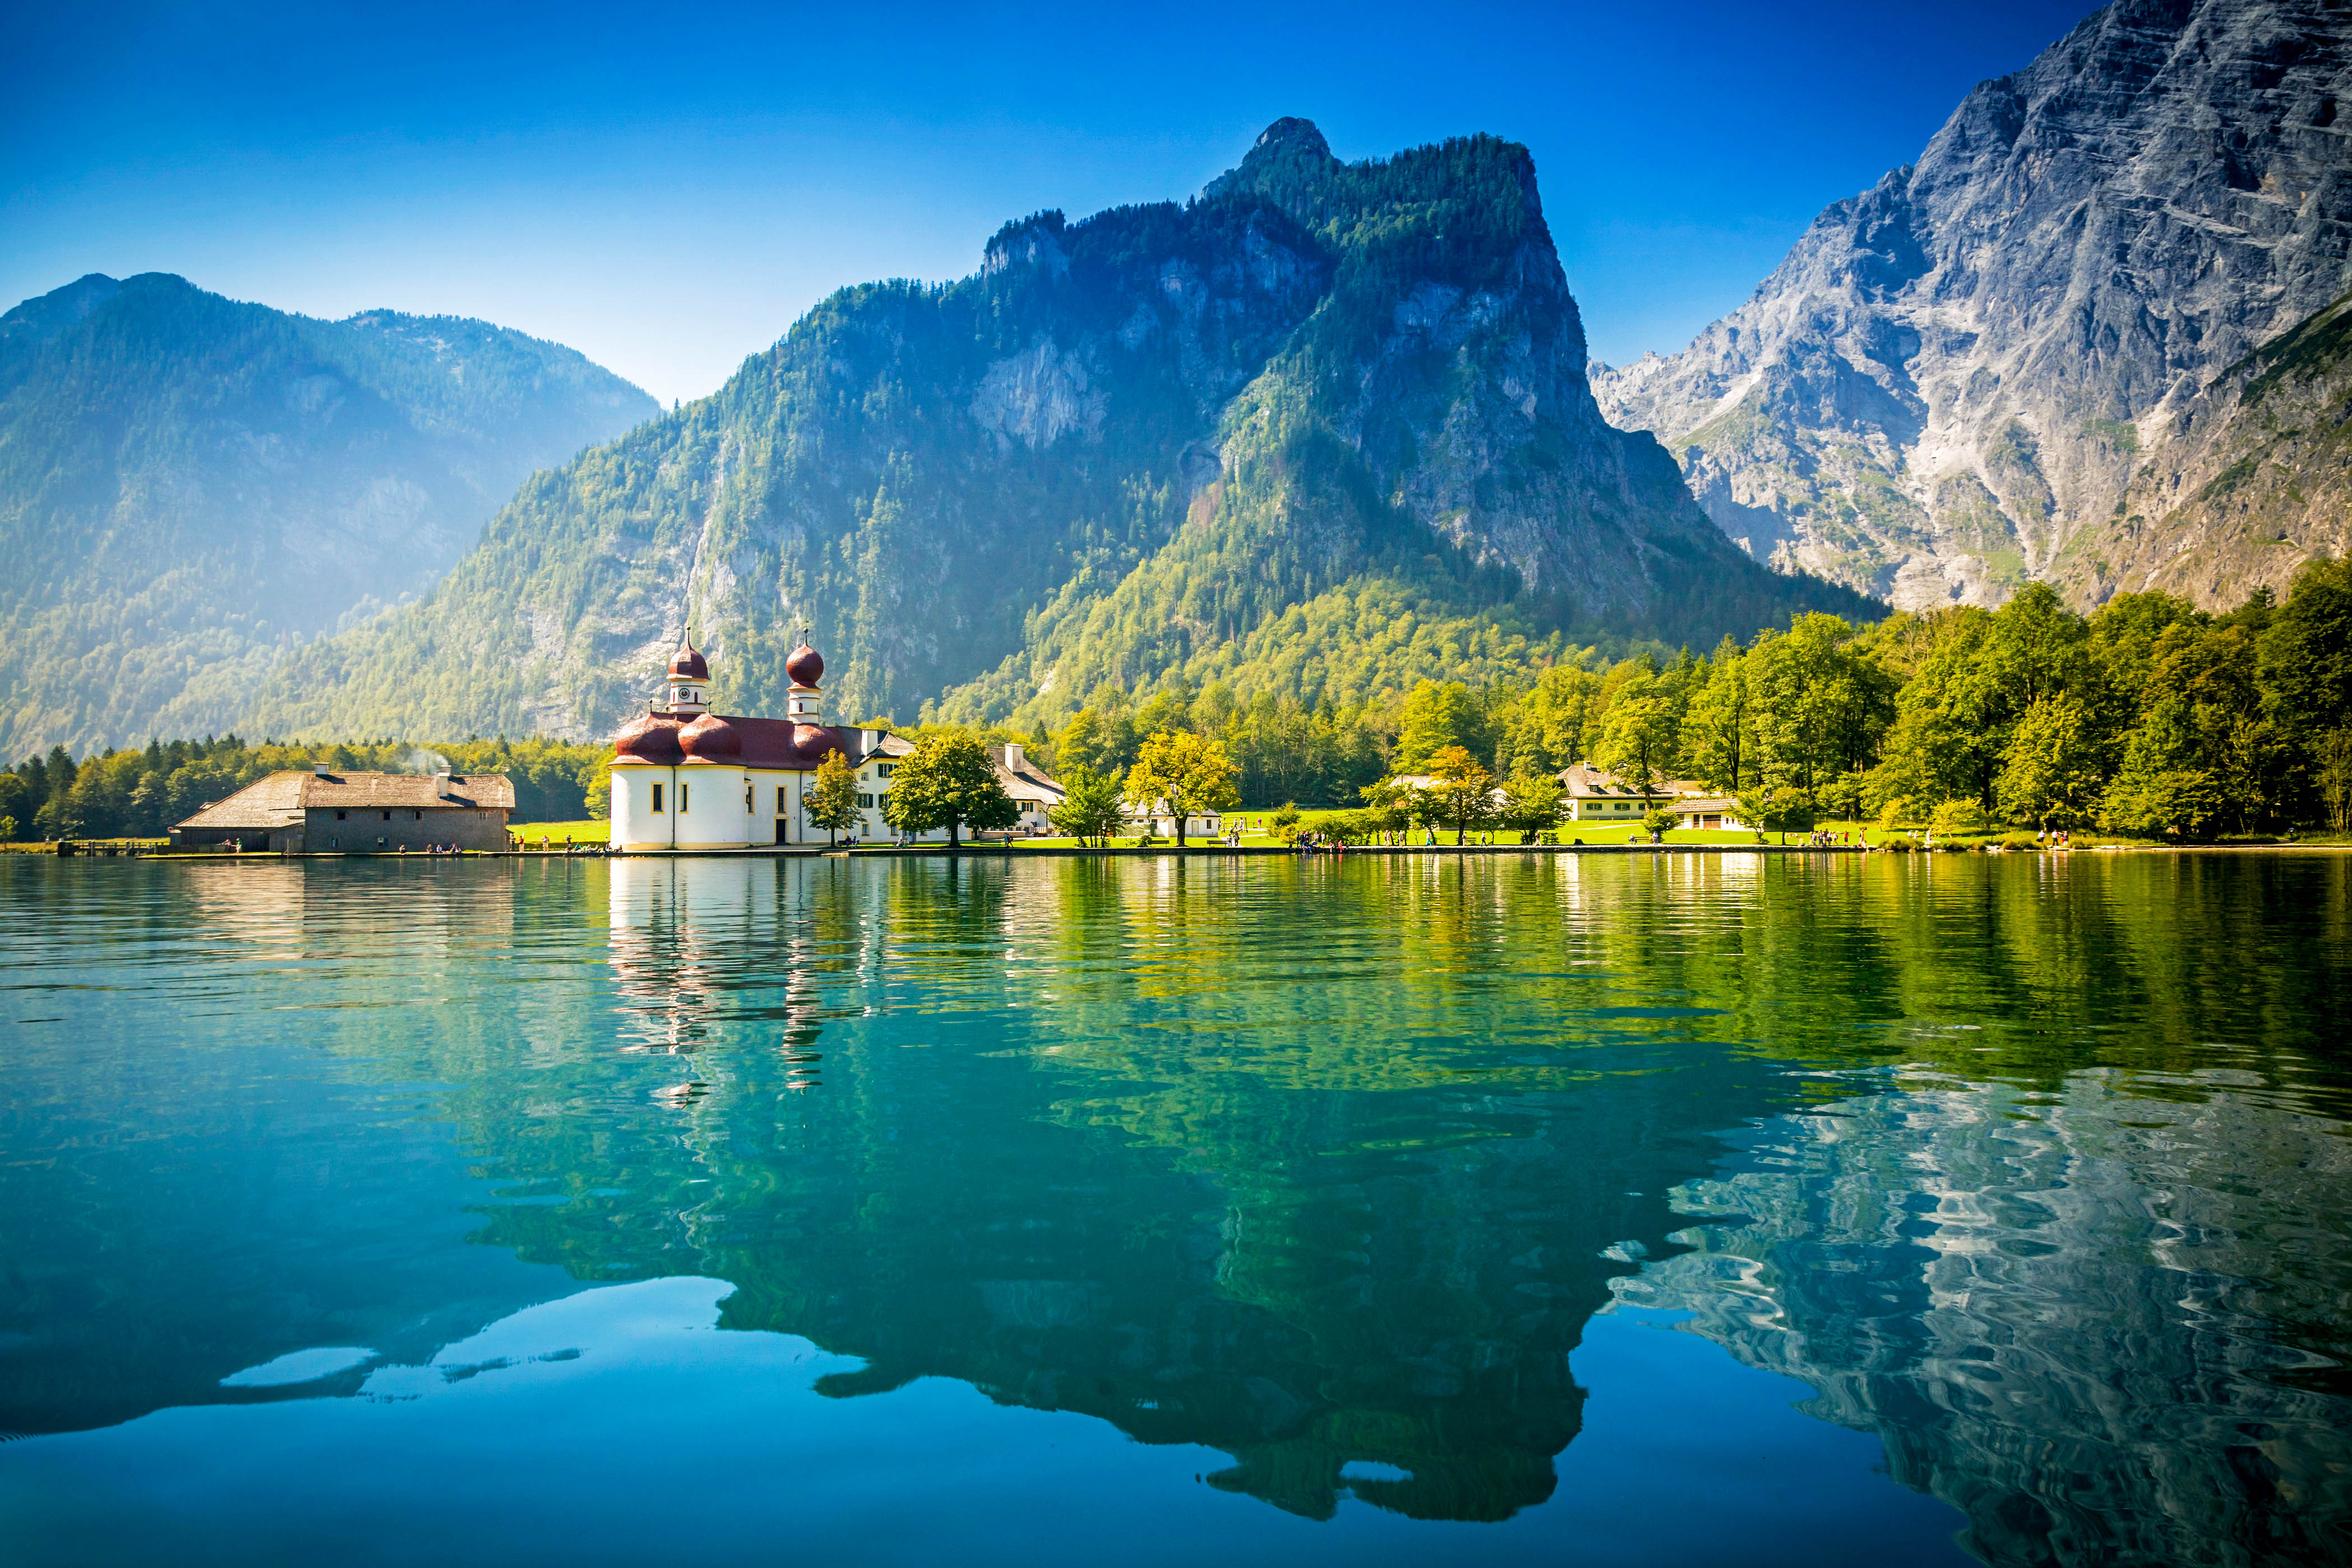 Die 5 schönsten Bergseen der Alpen, Königssee